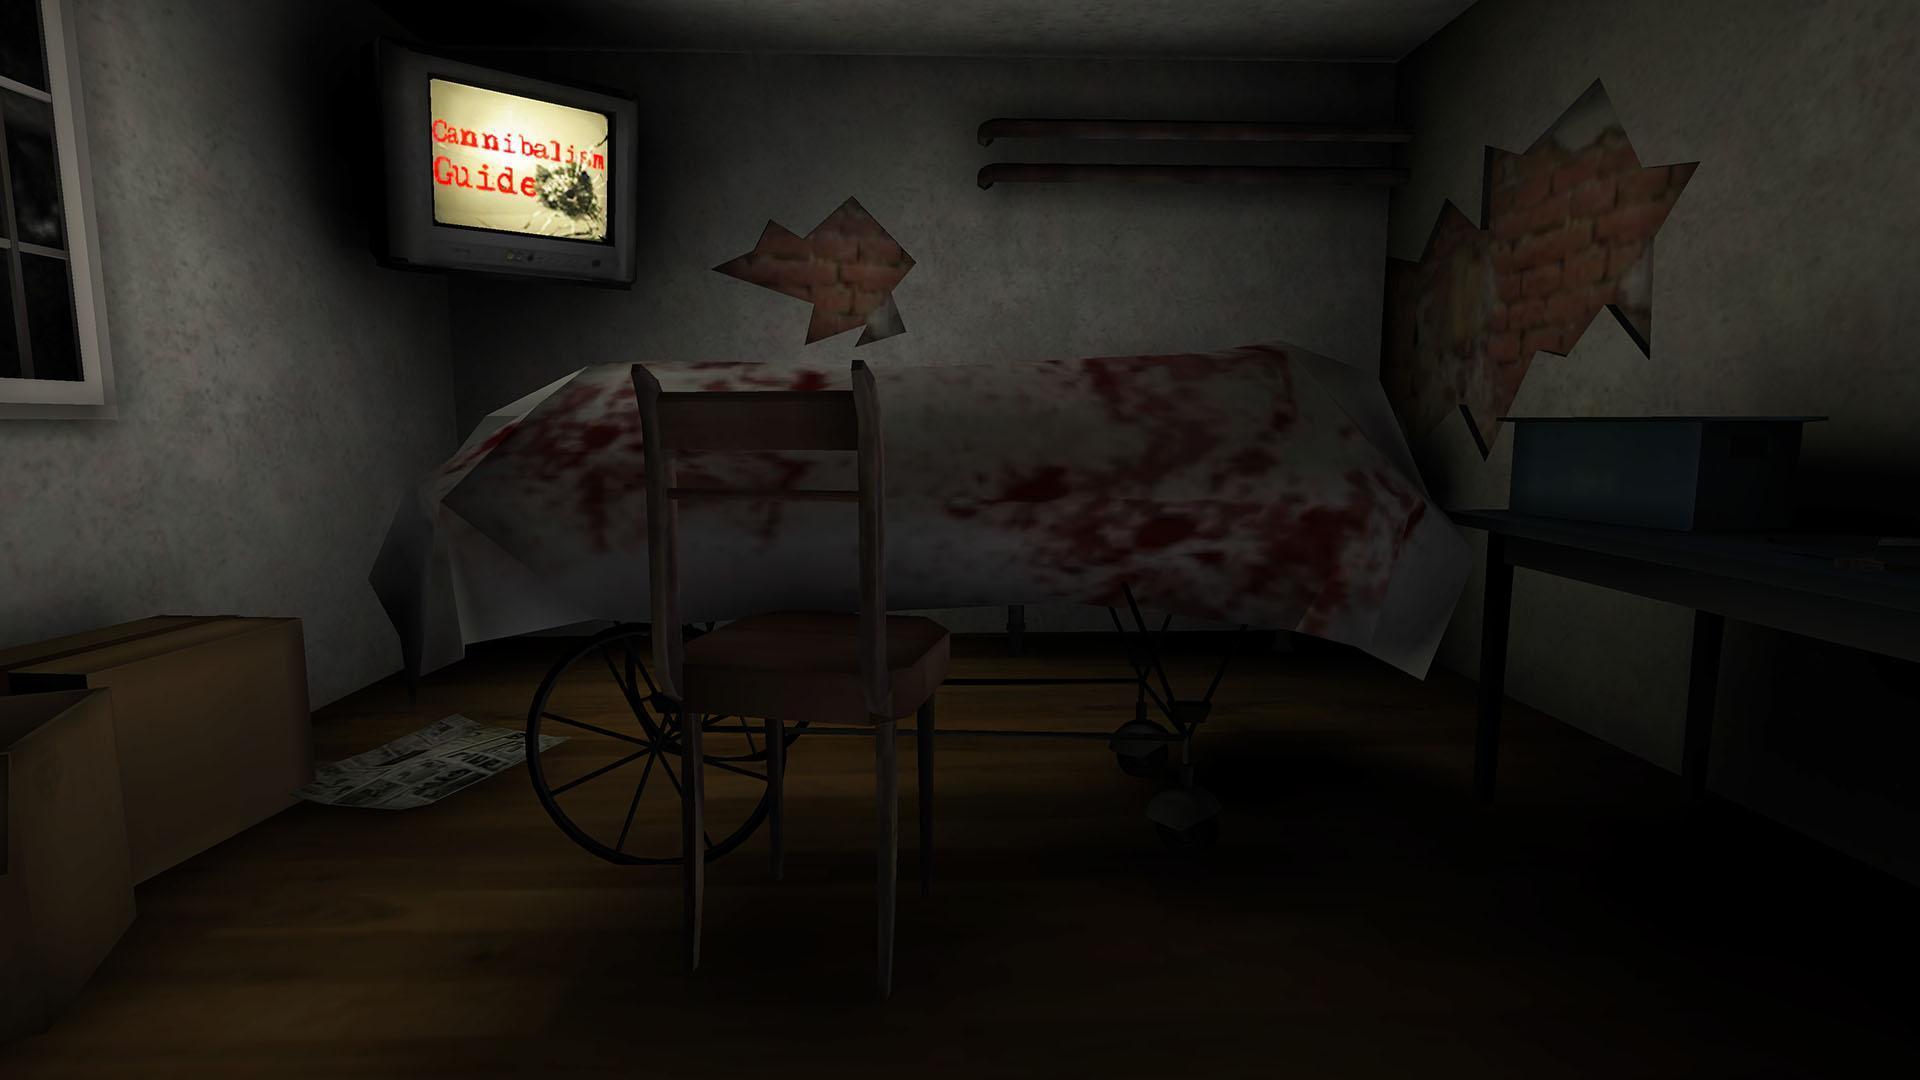 Dark Internet: ¡Juego de terror y supervivencia! 1.1.0 Screenshot 15